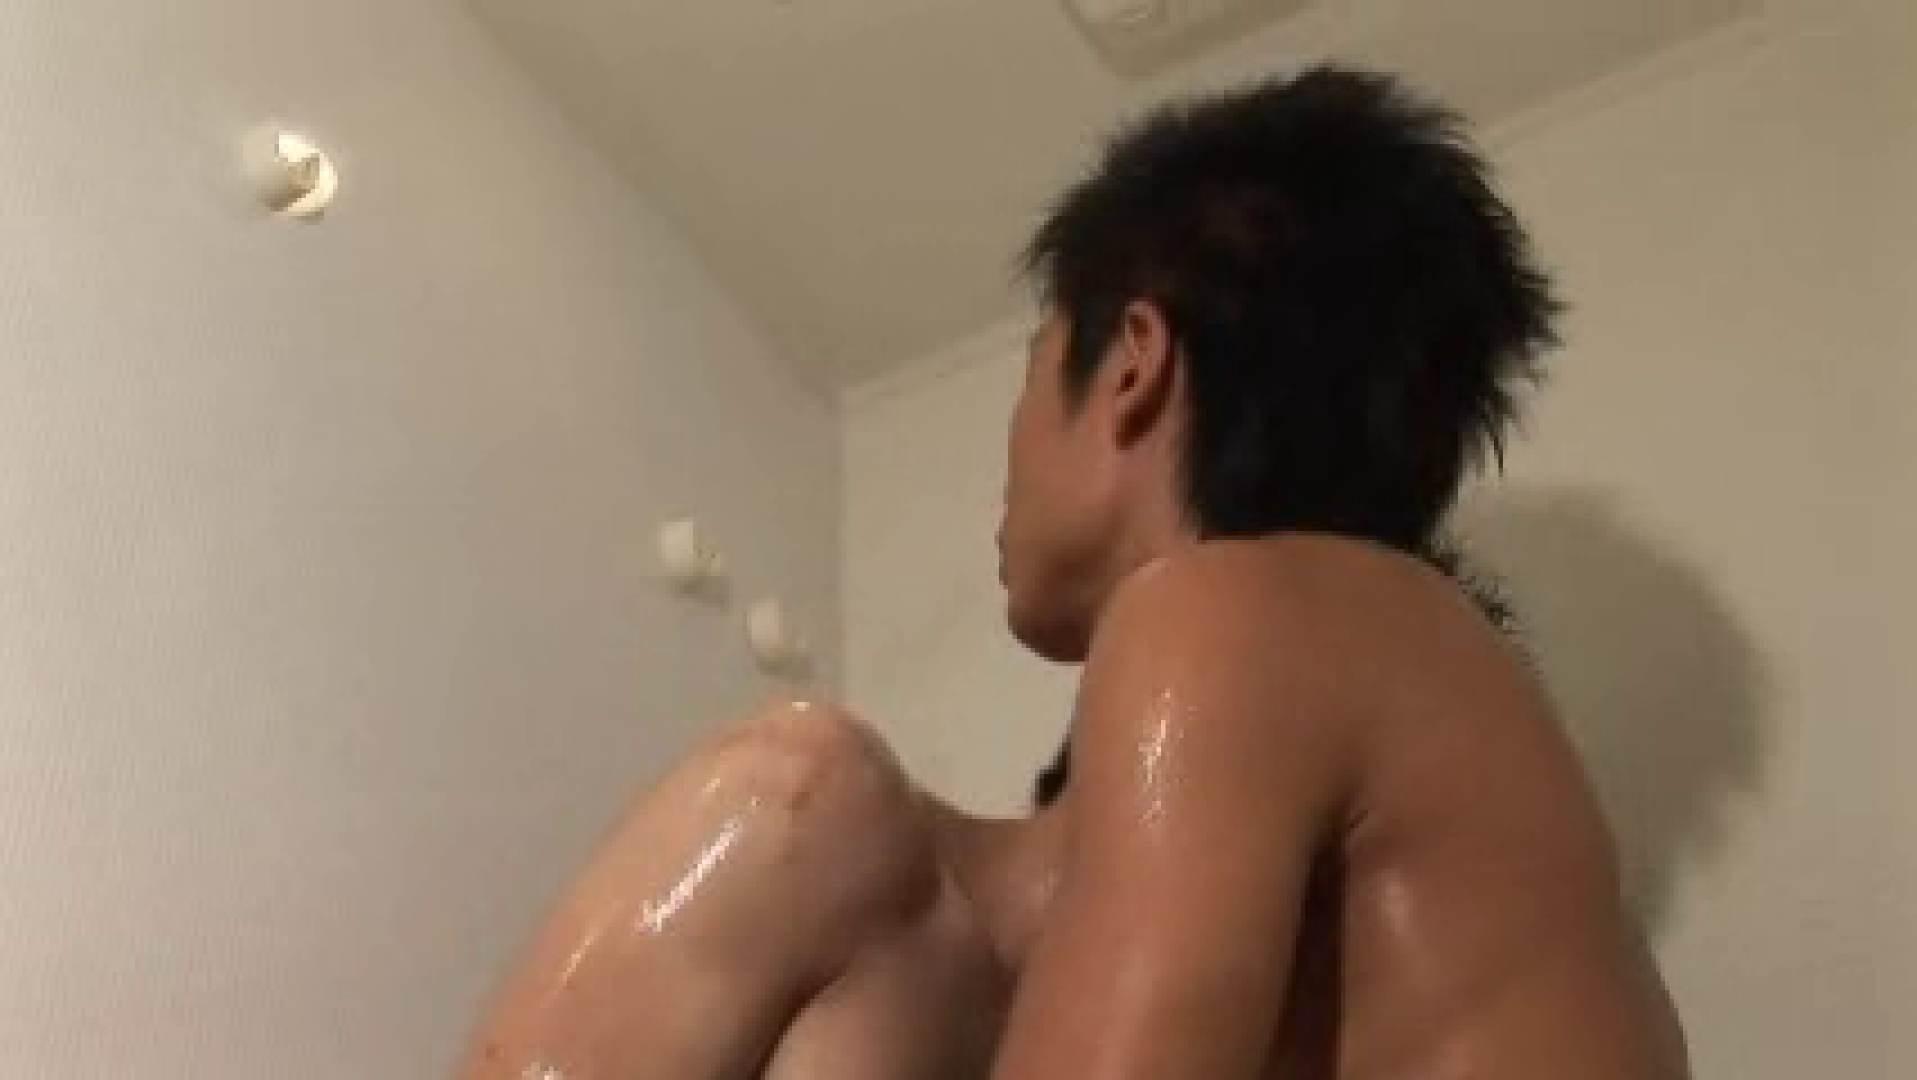 雄穴堀MAX!!vol.02 フェラ ゲイ素人エロ画像 106枚 71